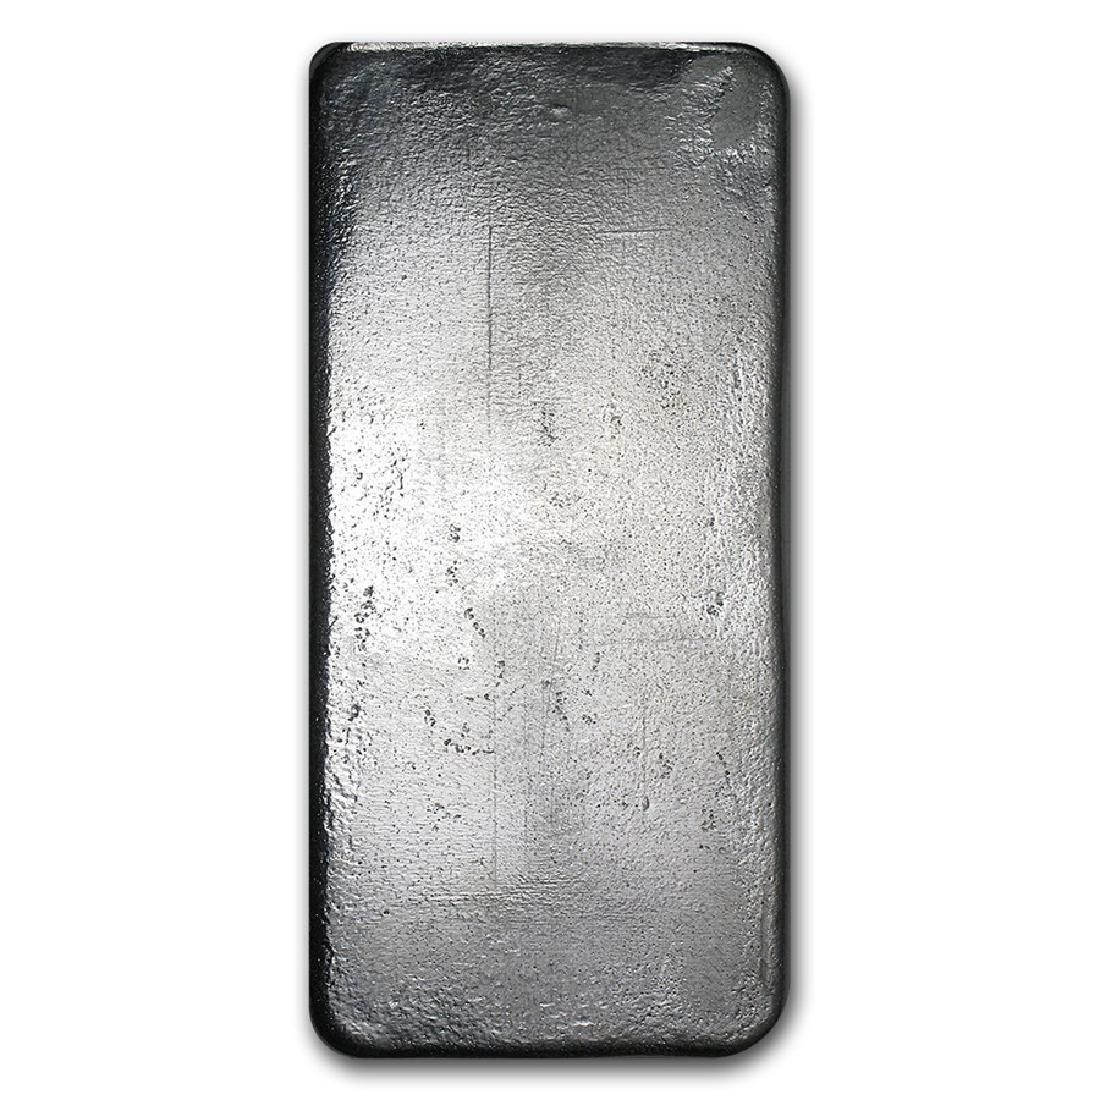 Genuine 1 kilo 0.999 Fine Silver Bar - Republic Metals - 2